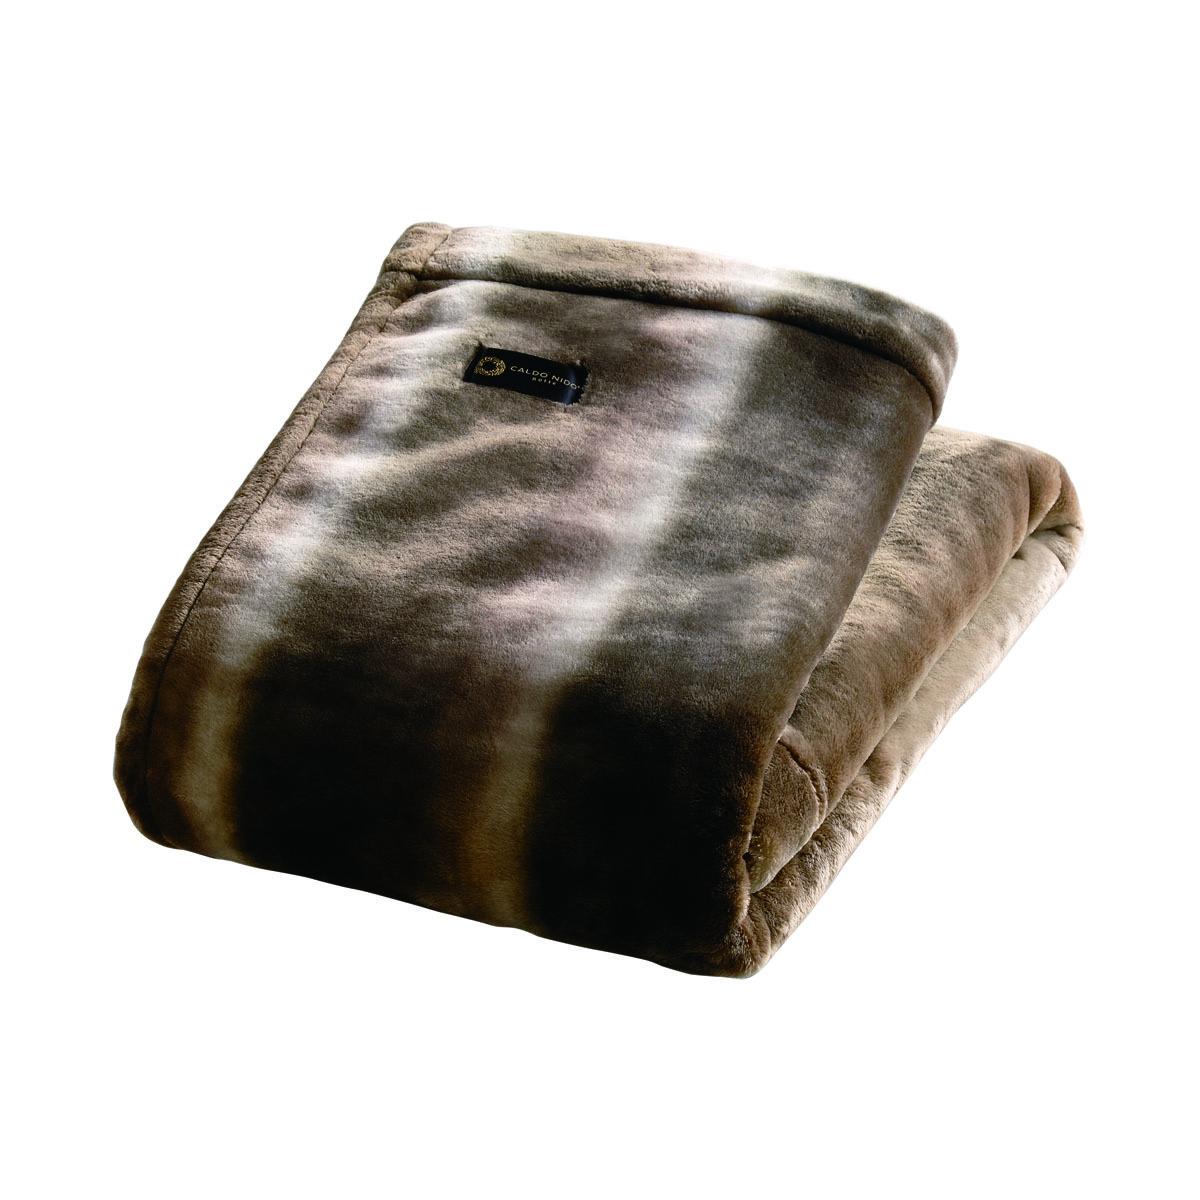 寝心地がまるで違う「毛布」|《掛毛布/ダブル》暖かさはもう当たり前、軽さとなめらかさも実現した「毛布」|CALDONIDO NOTTE